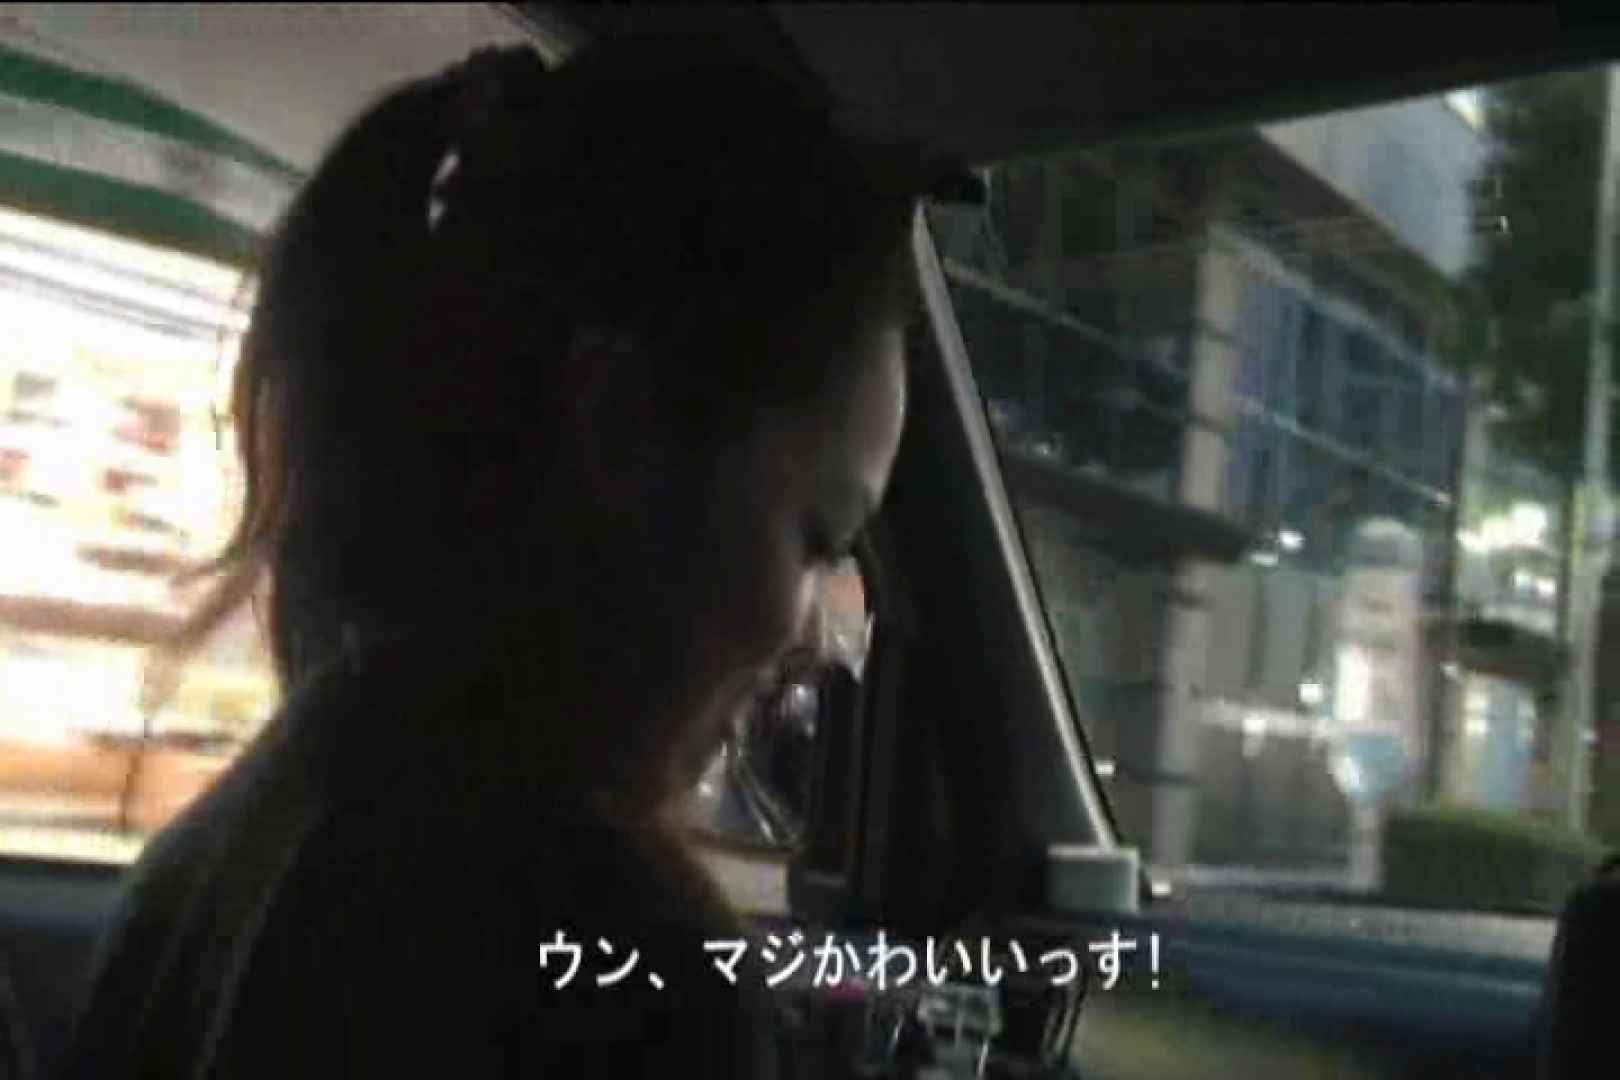 車内で初めまして! vol01 ハプニング   盗撮  68pic 16